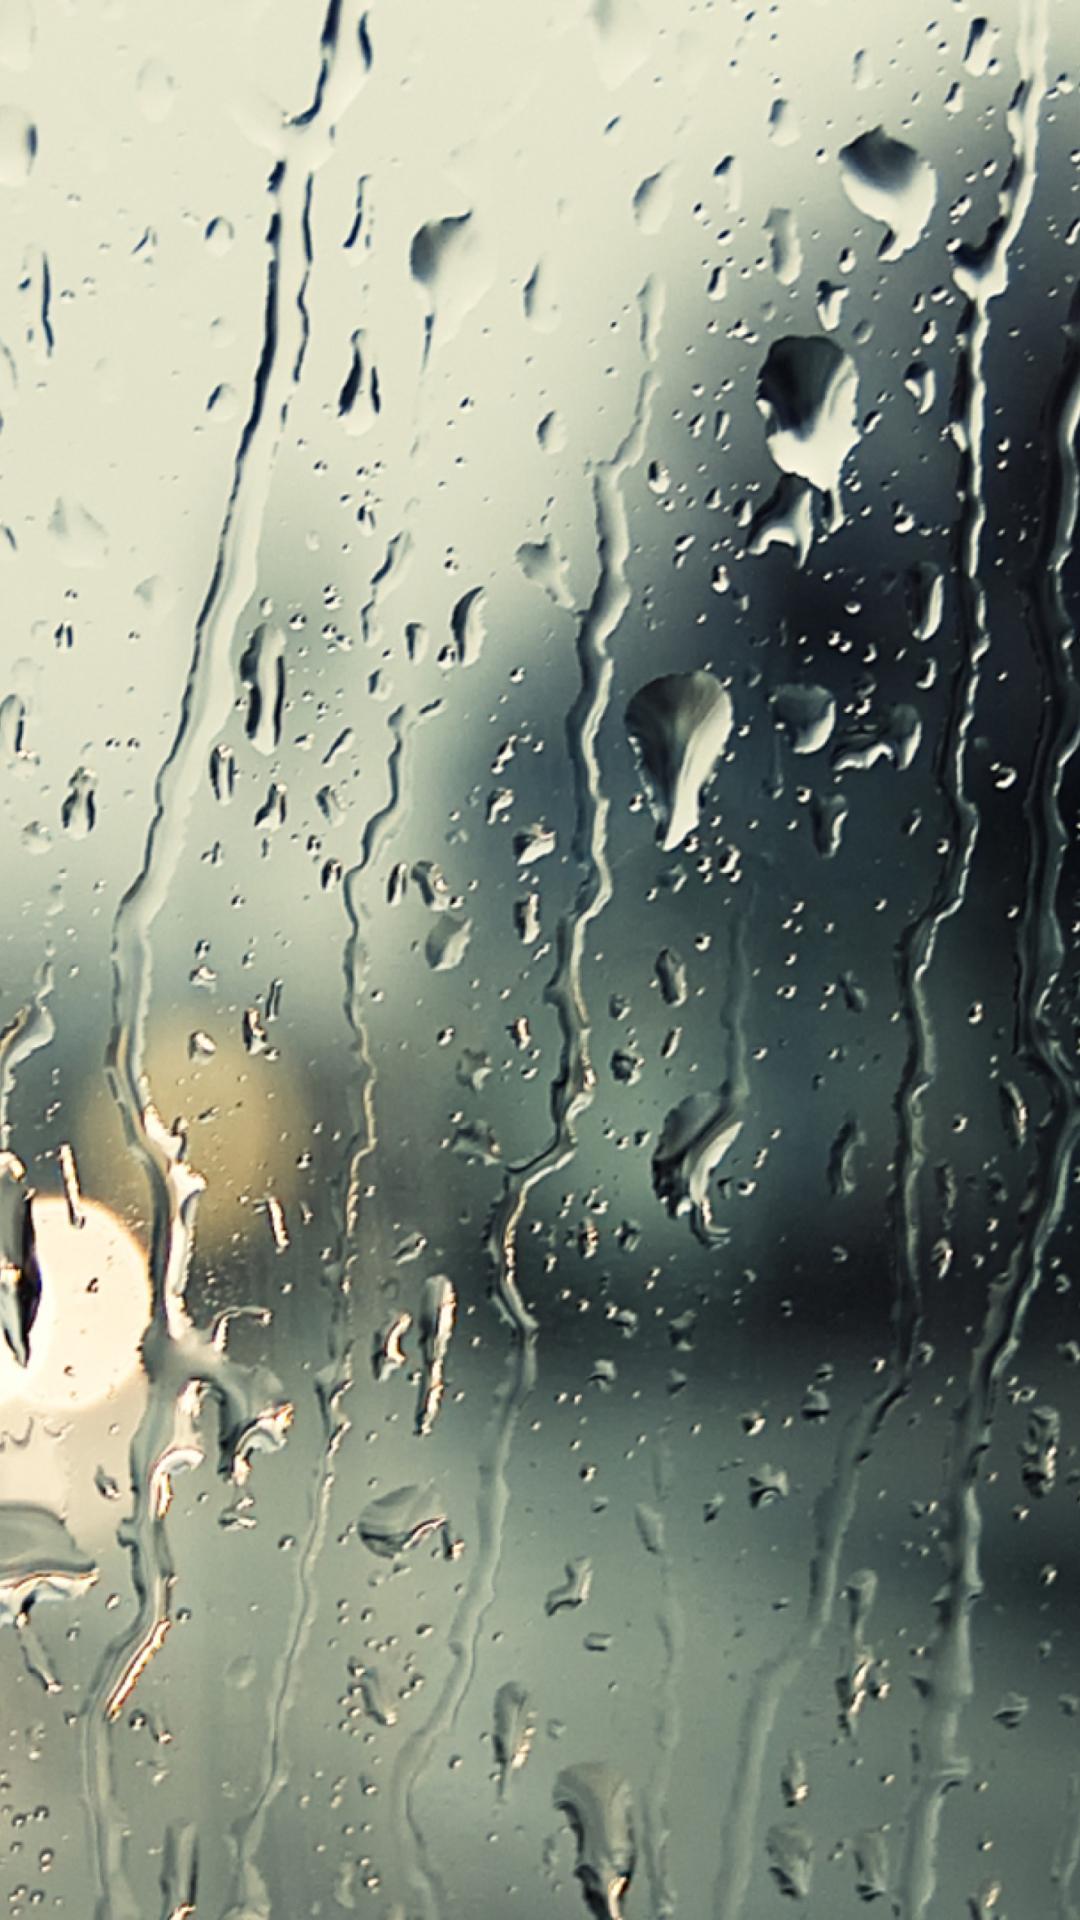 относится так картинки для телефона дождя силовых тренировок нужно